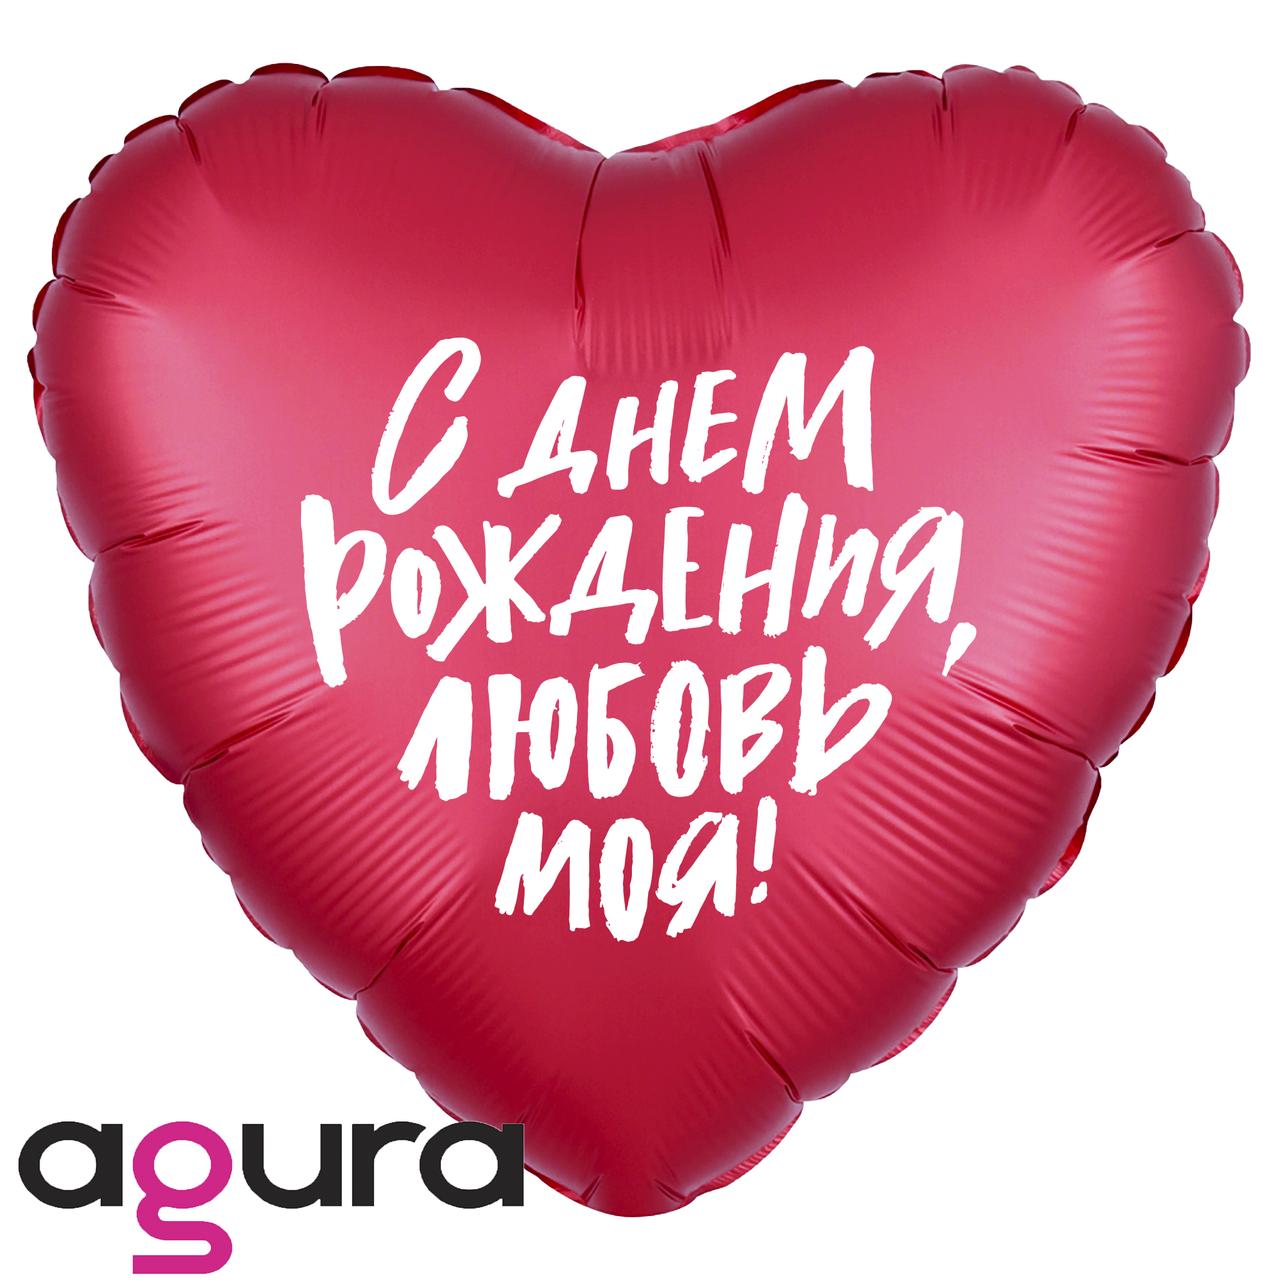 Фольгированный шар Agura (Агура) С Днем рождения любовь моя, 18' (45 см)